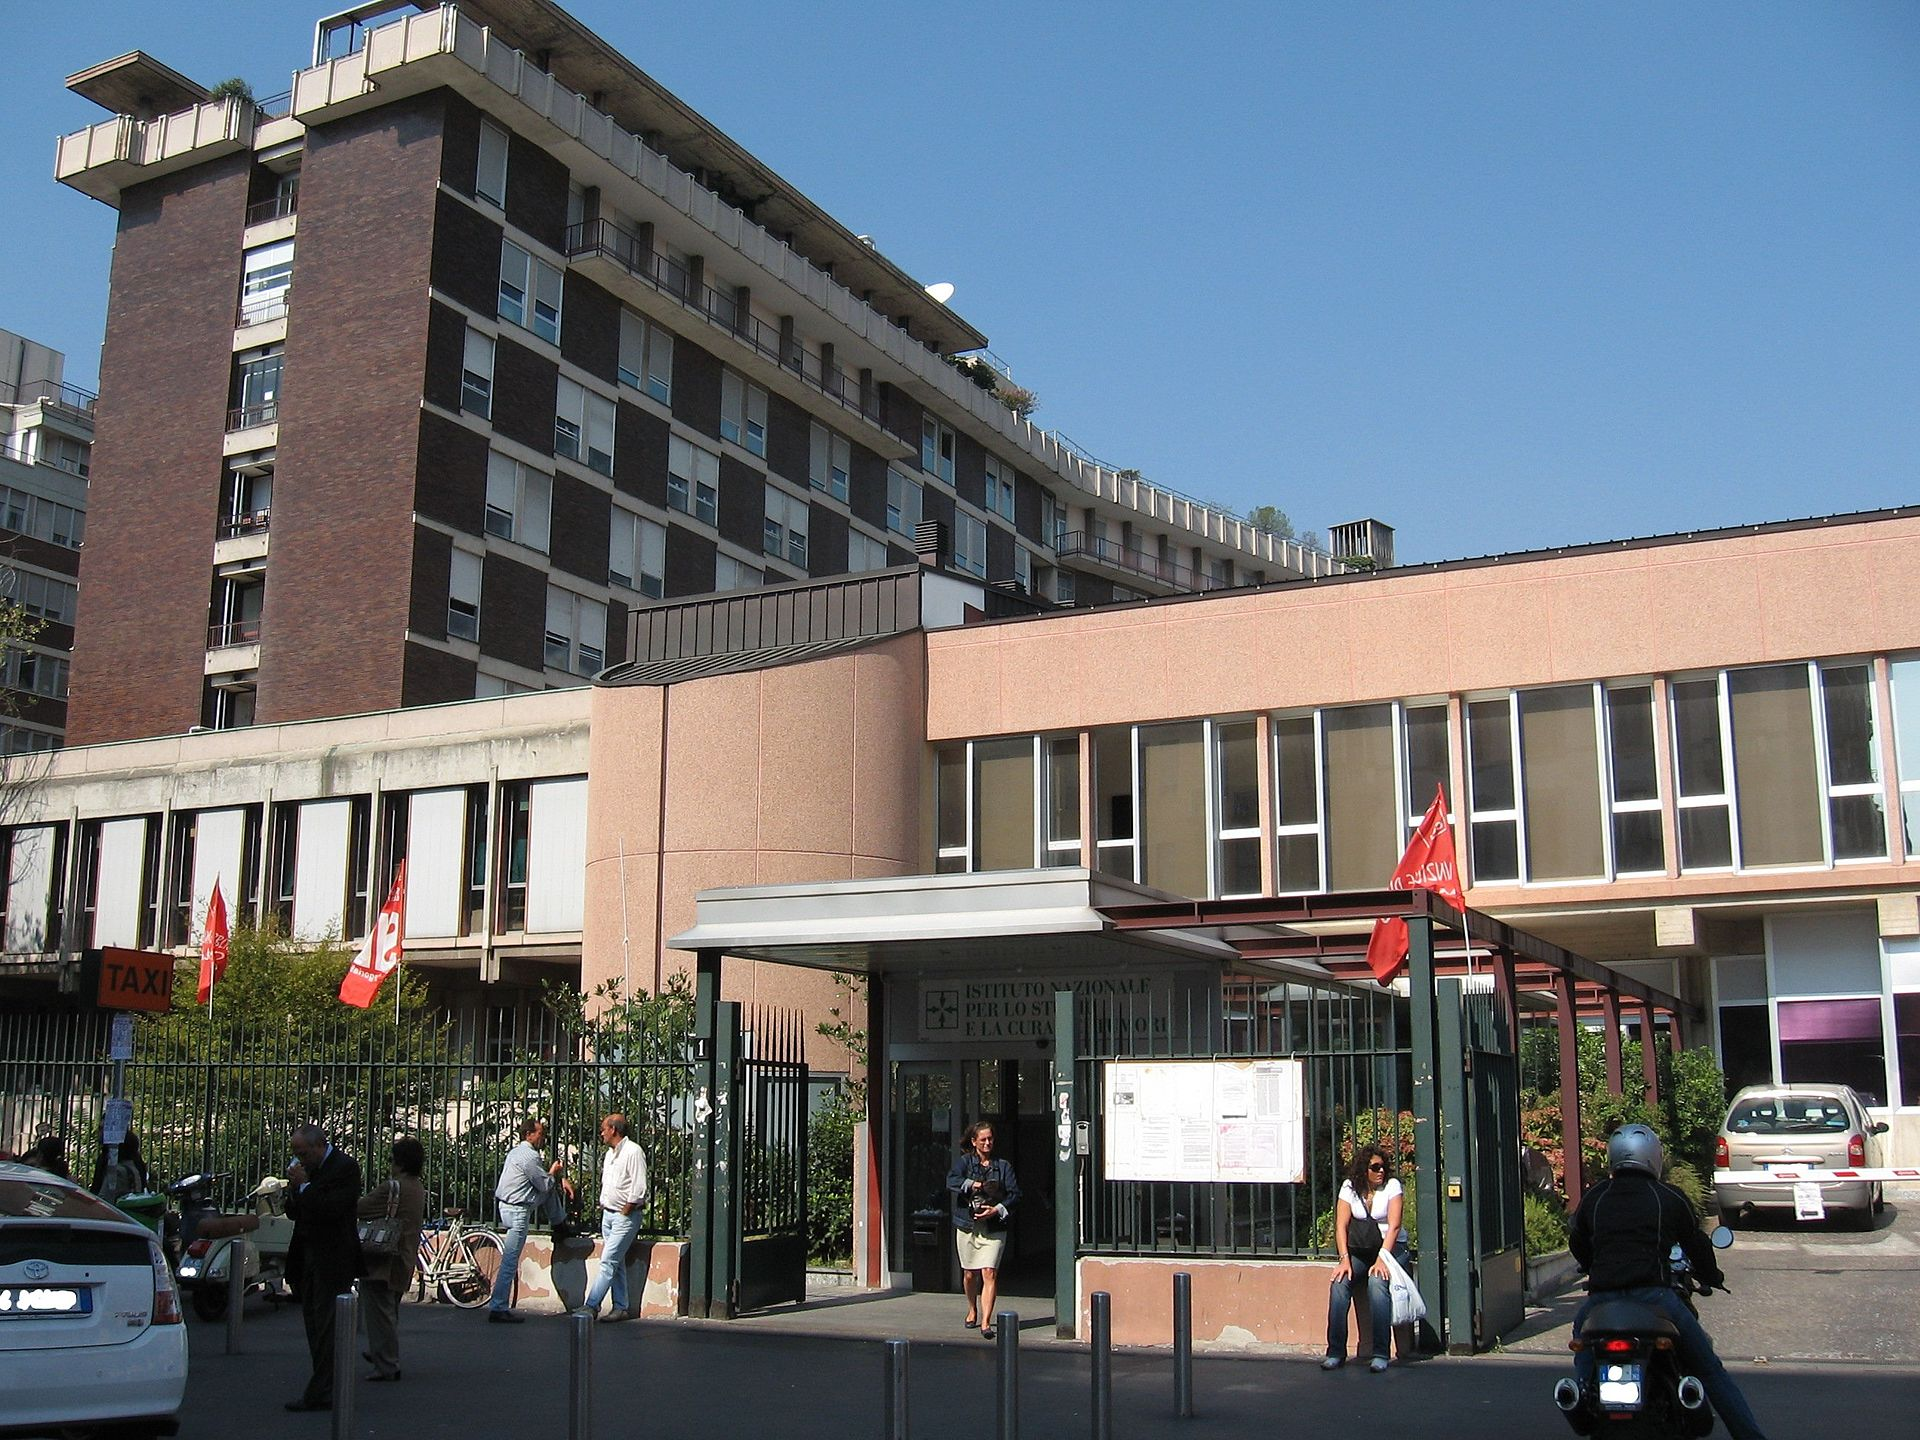 Fondazione Irccs Istituto Nazionale Dei Tumori Wikipedia